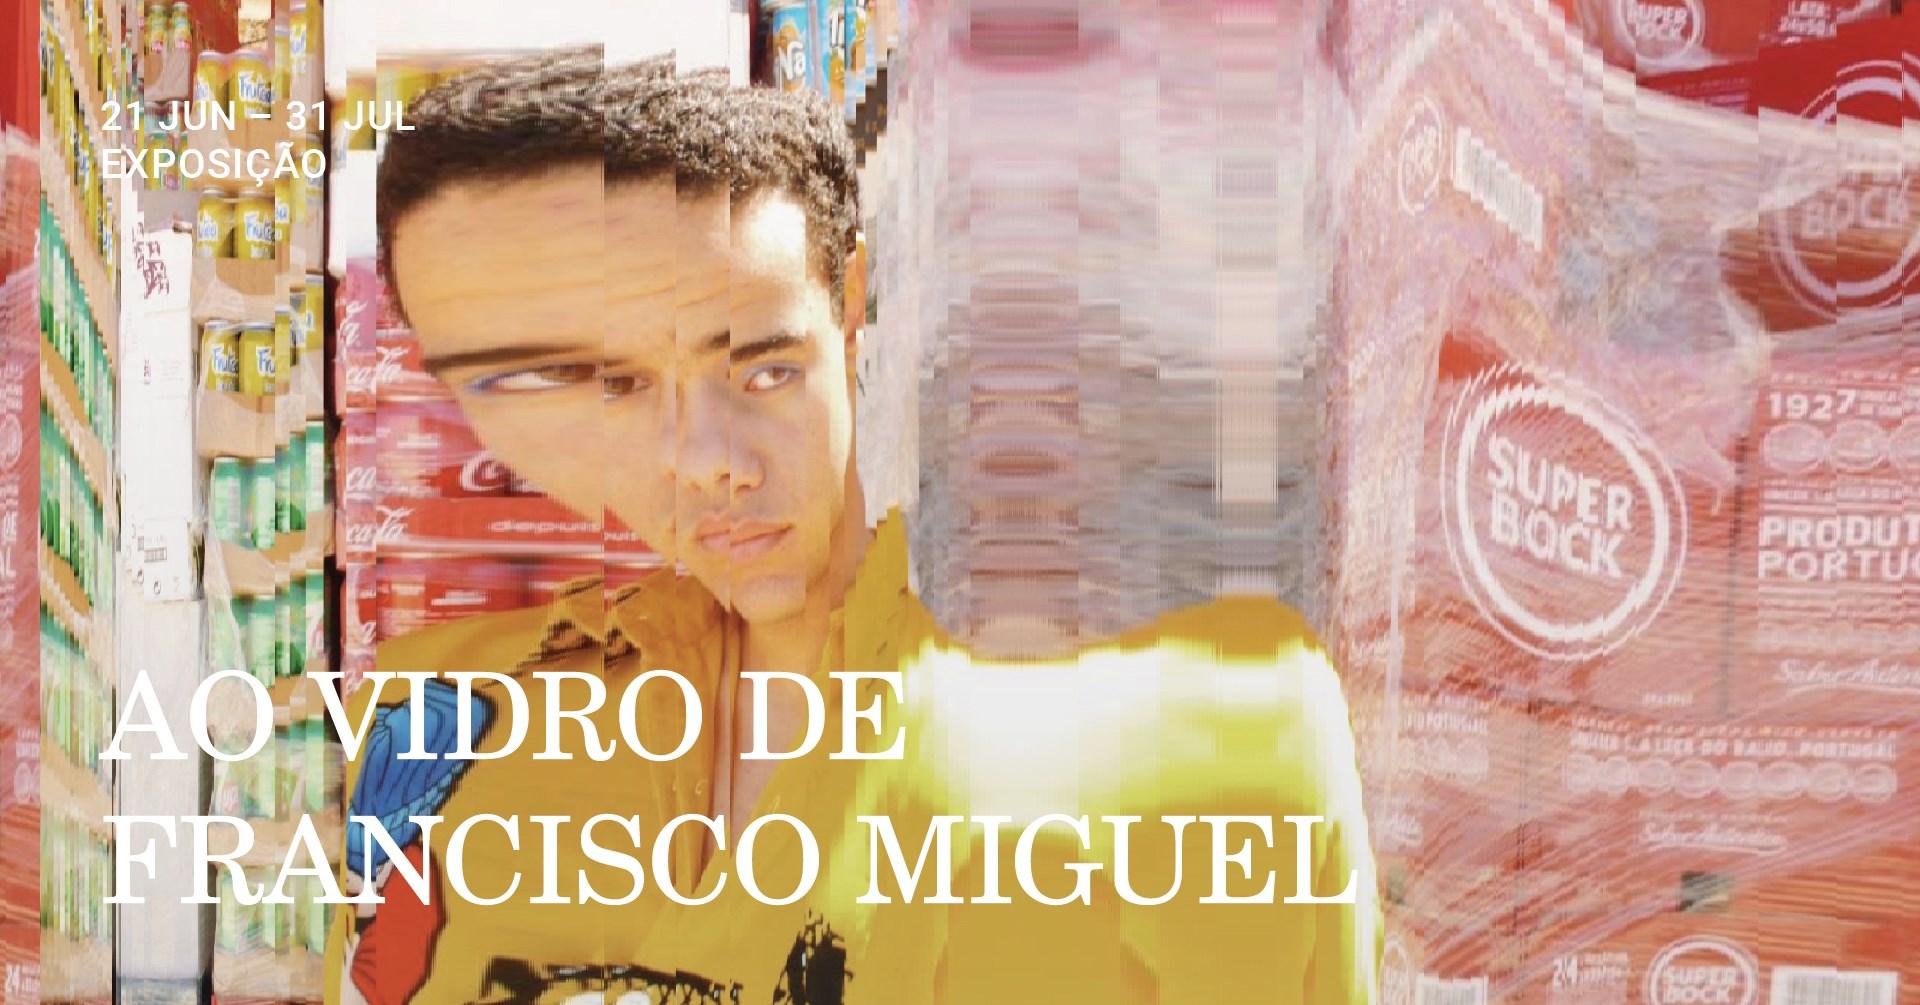 Ao Vidro de Francisco Miguel | Exposição